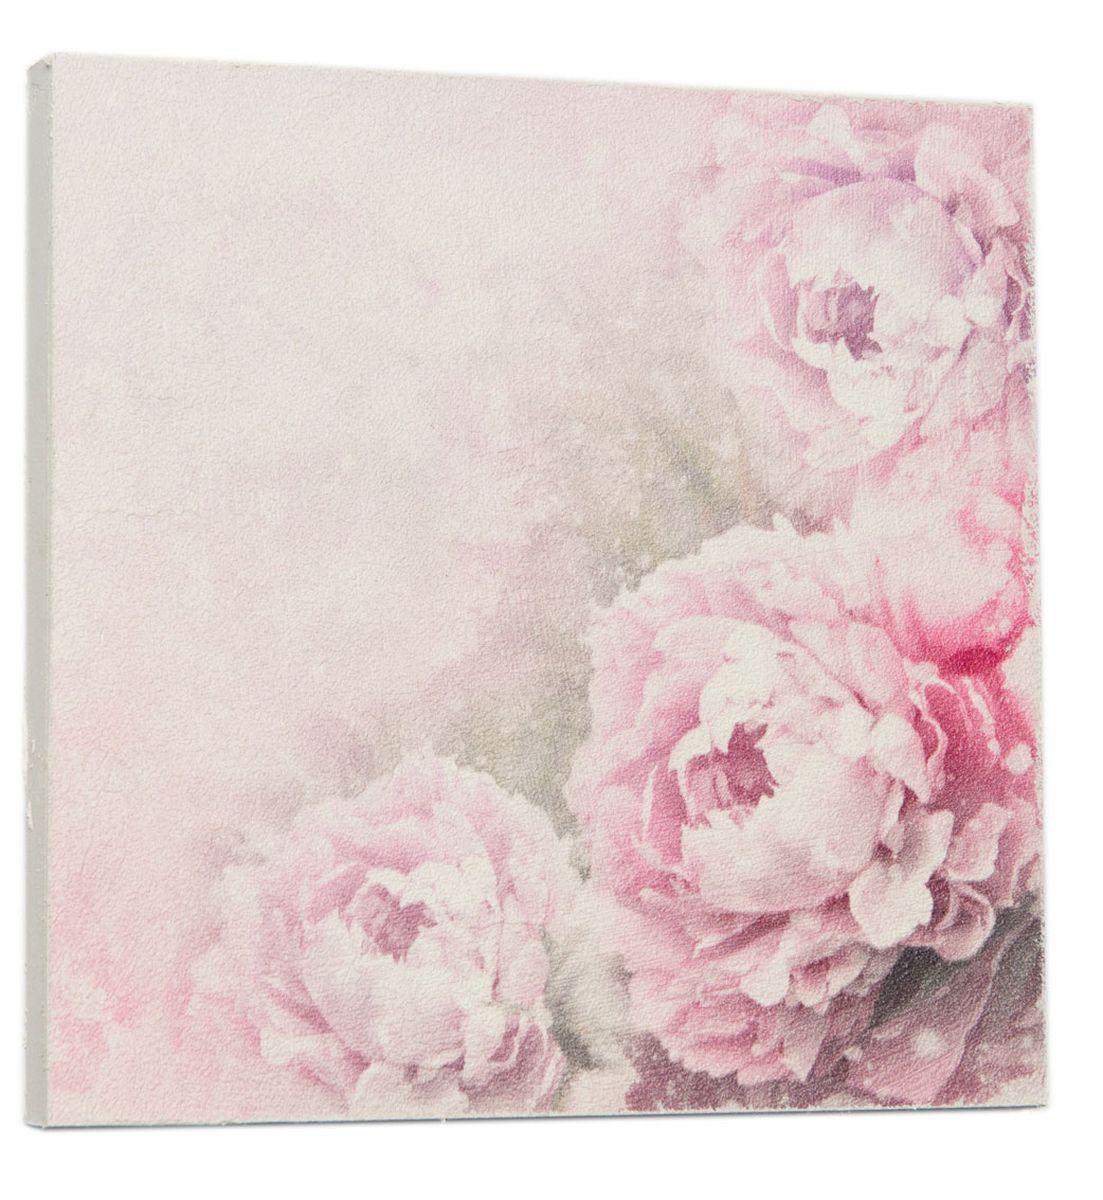 Картина Красивые цветы пиона, 22 х 22 см